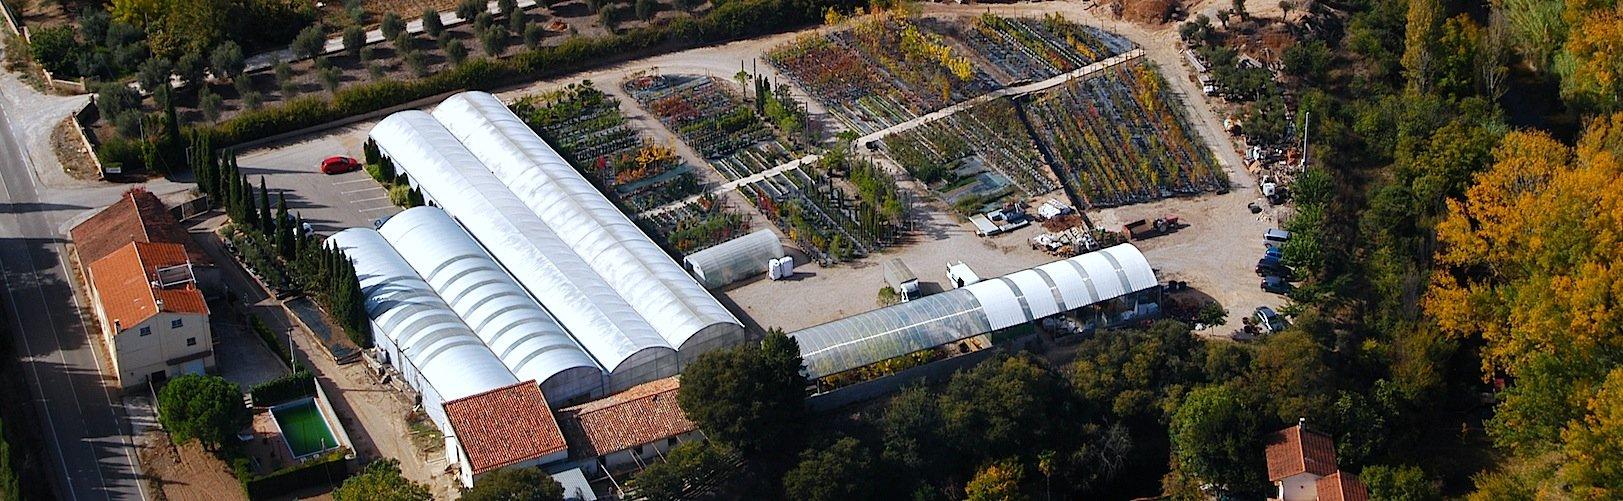 Instalaciones de la empresa en Alcañiz